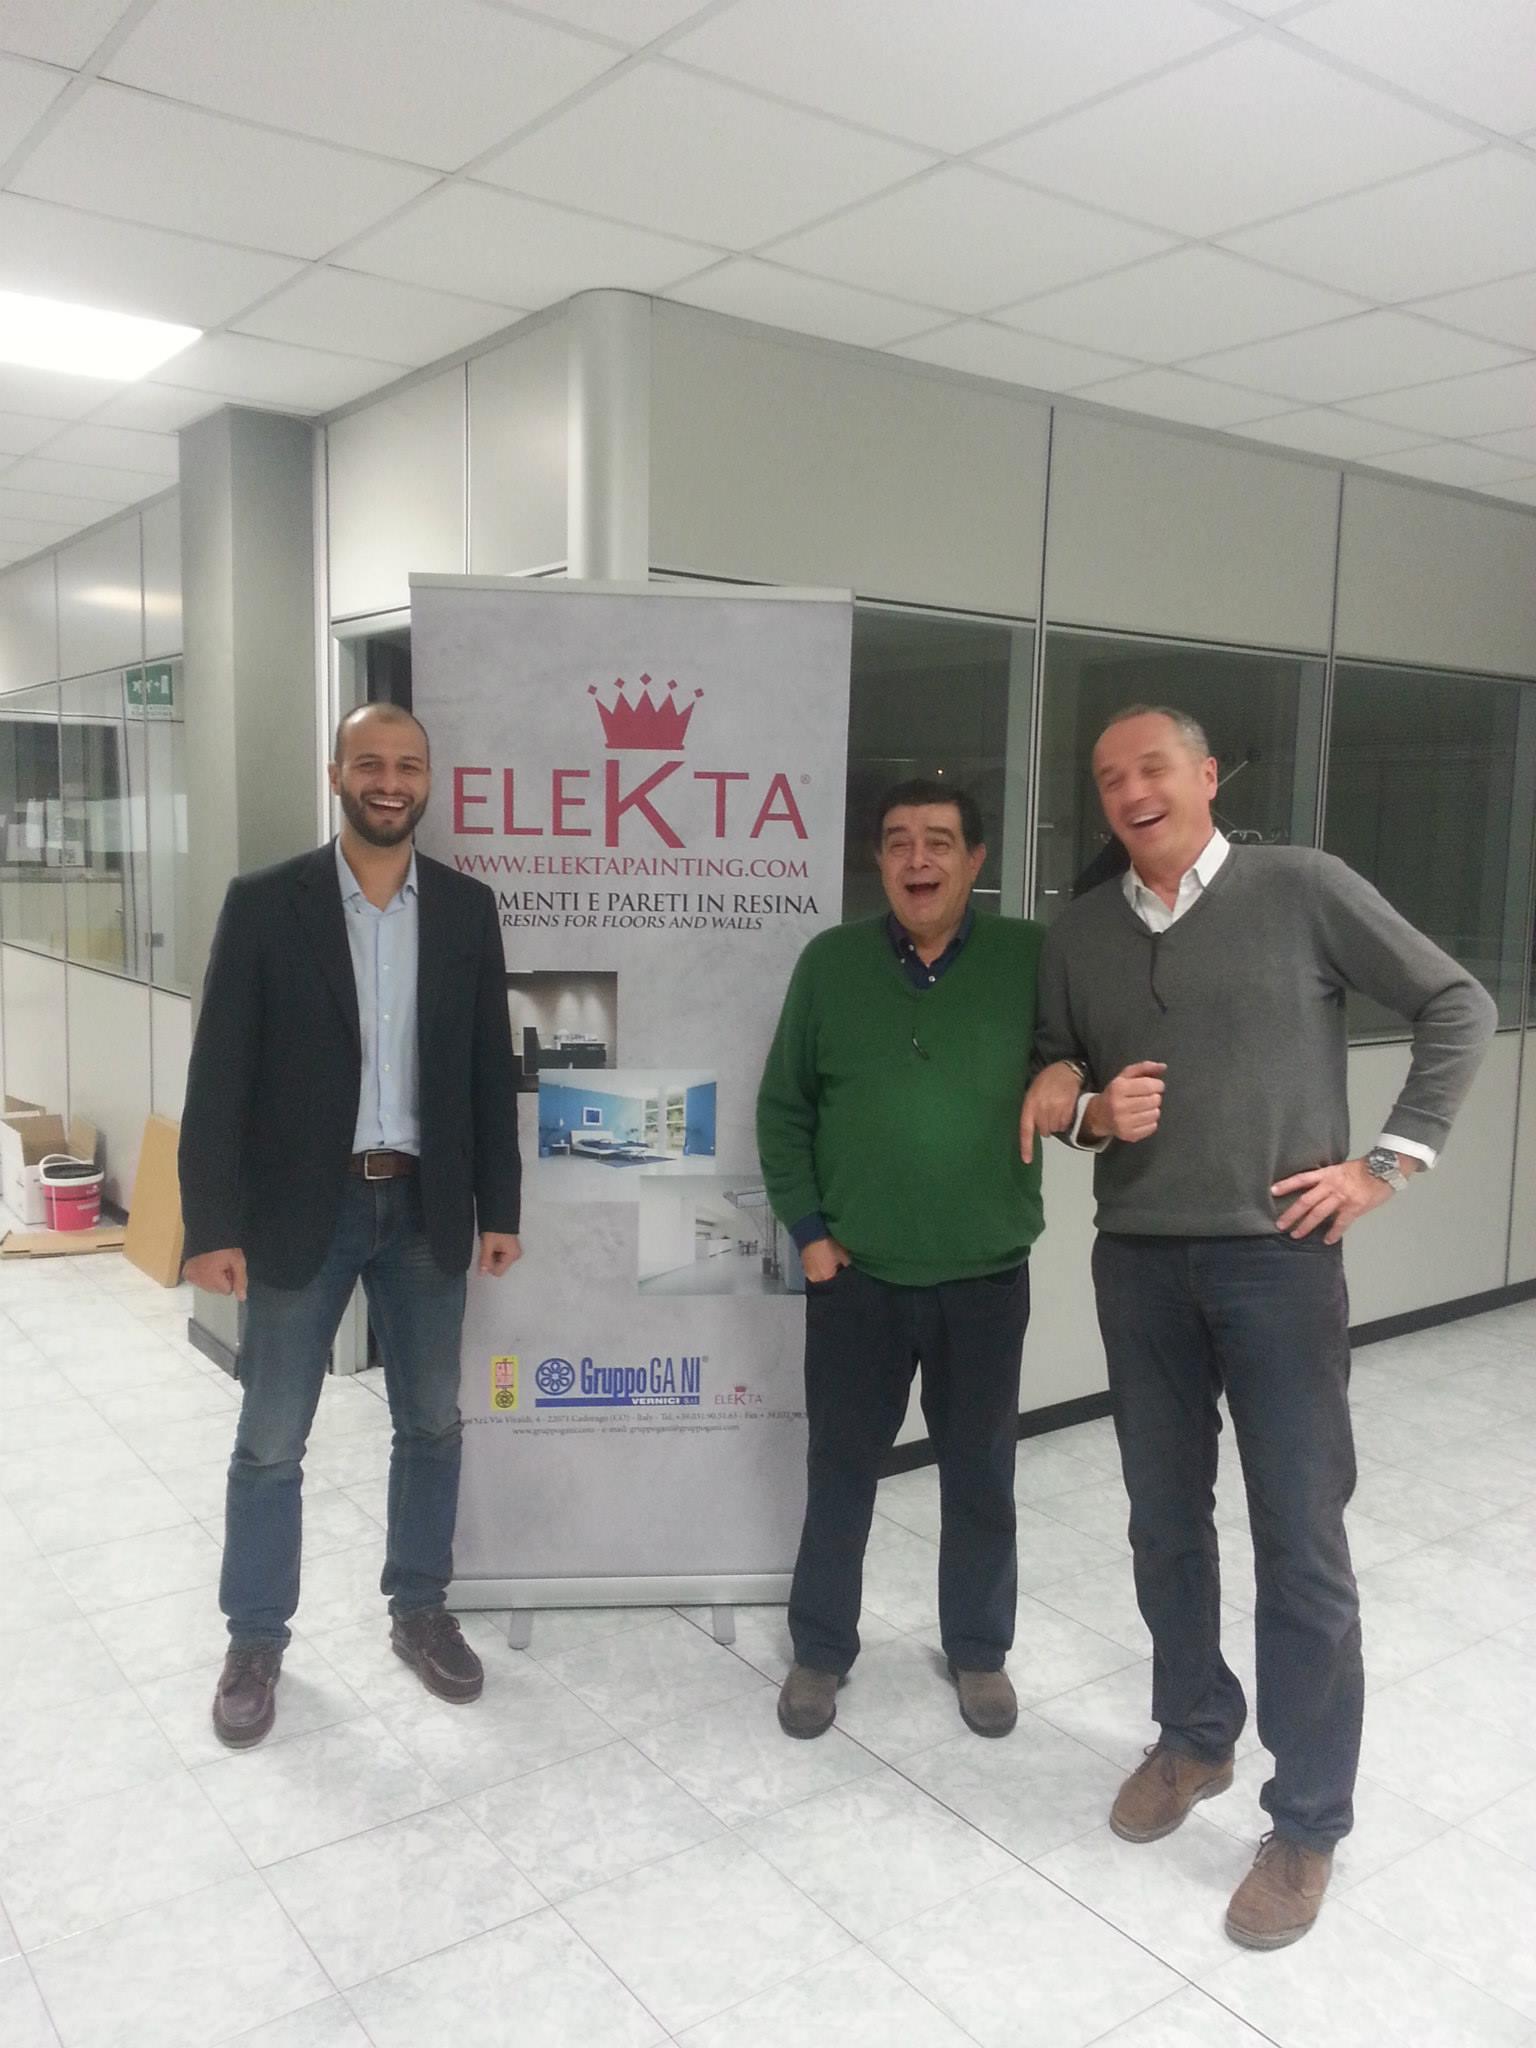 Presentazione delle resine Elekta